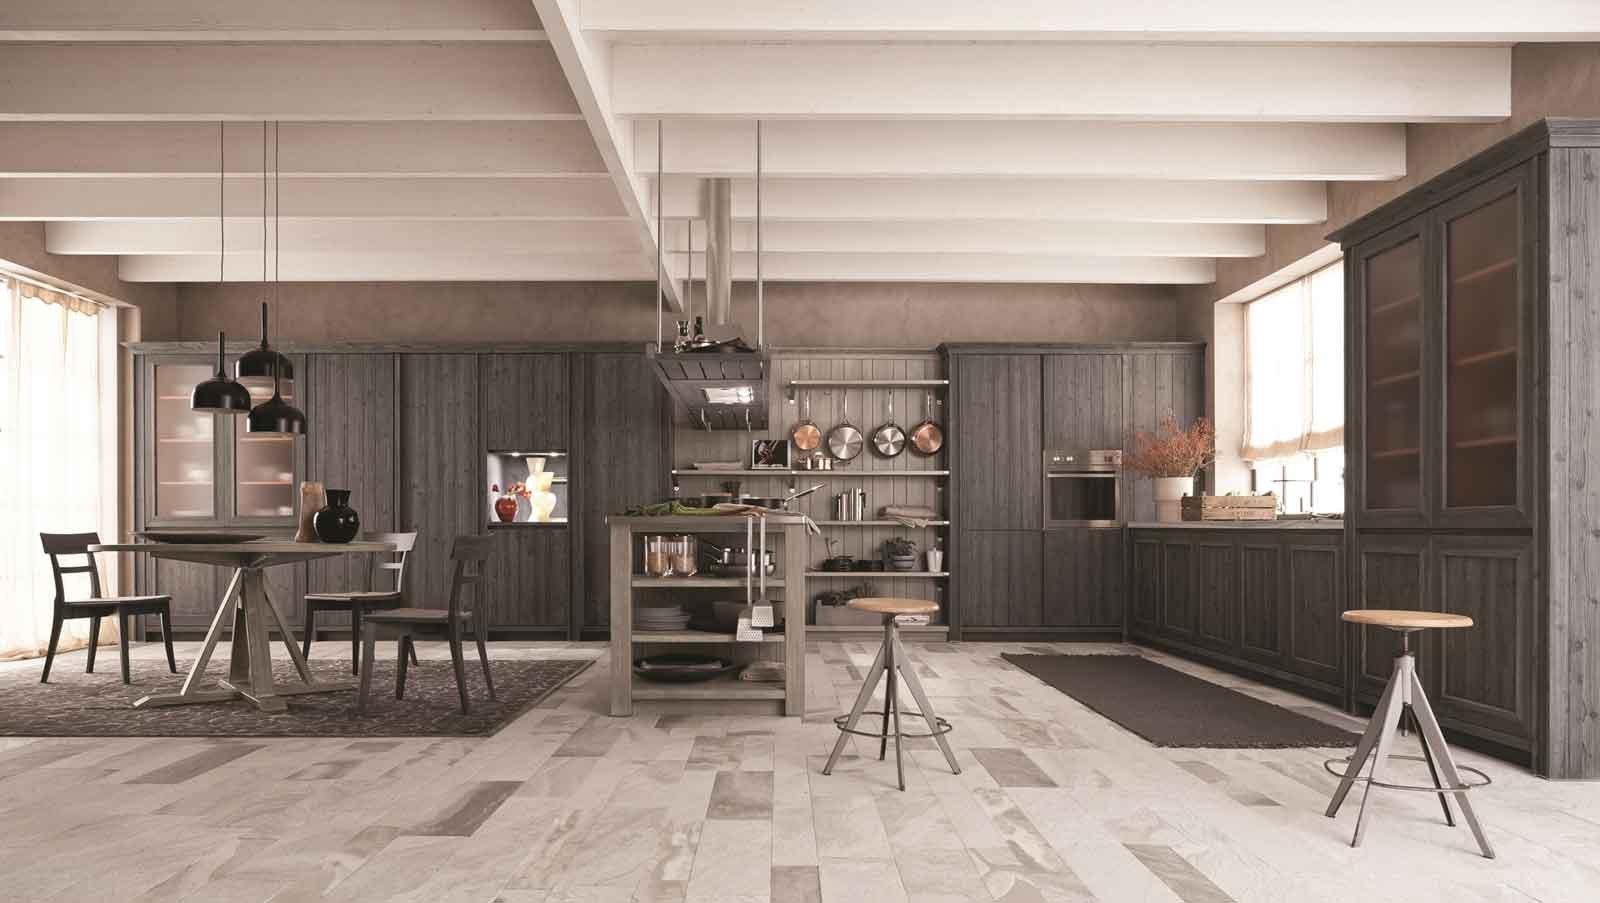 Idee cucina soggiorno ambiente unico – triseb